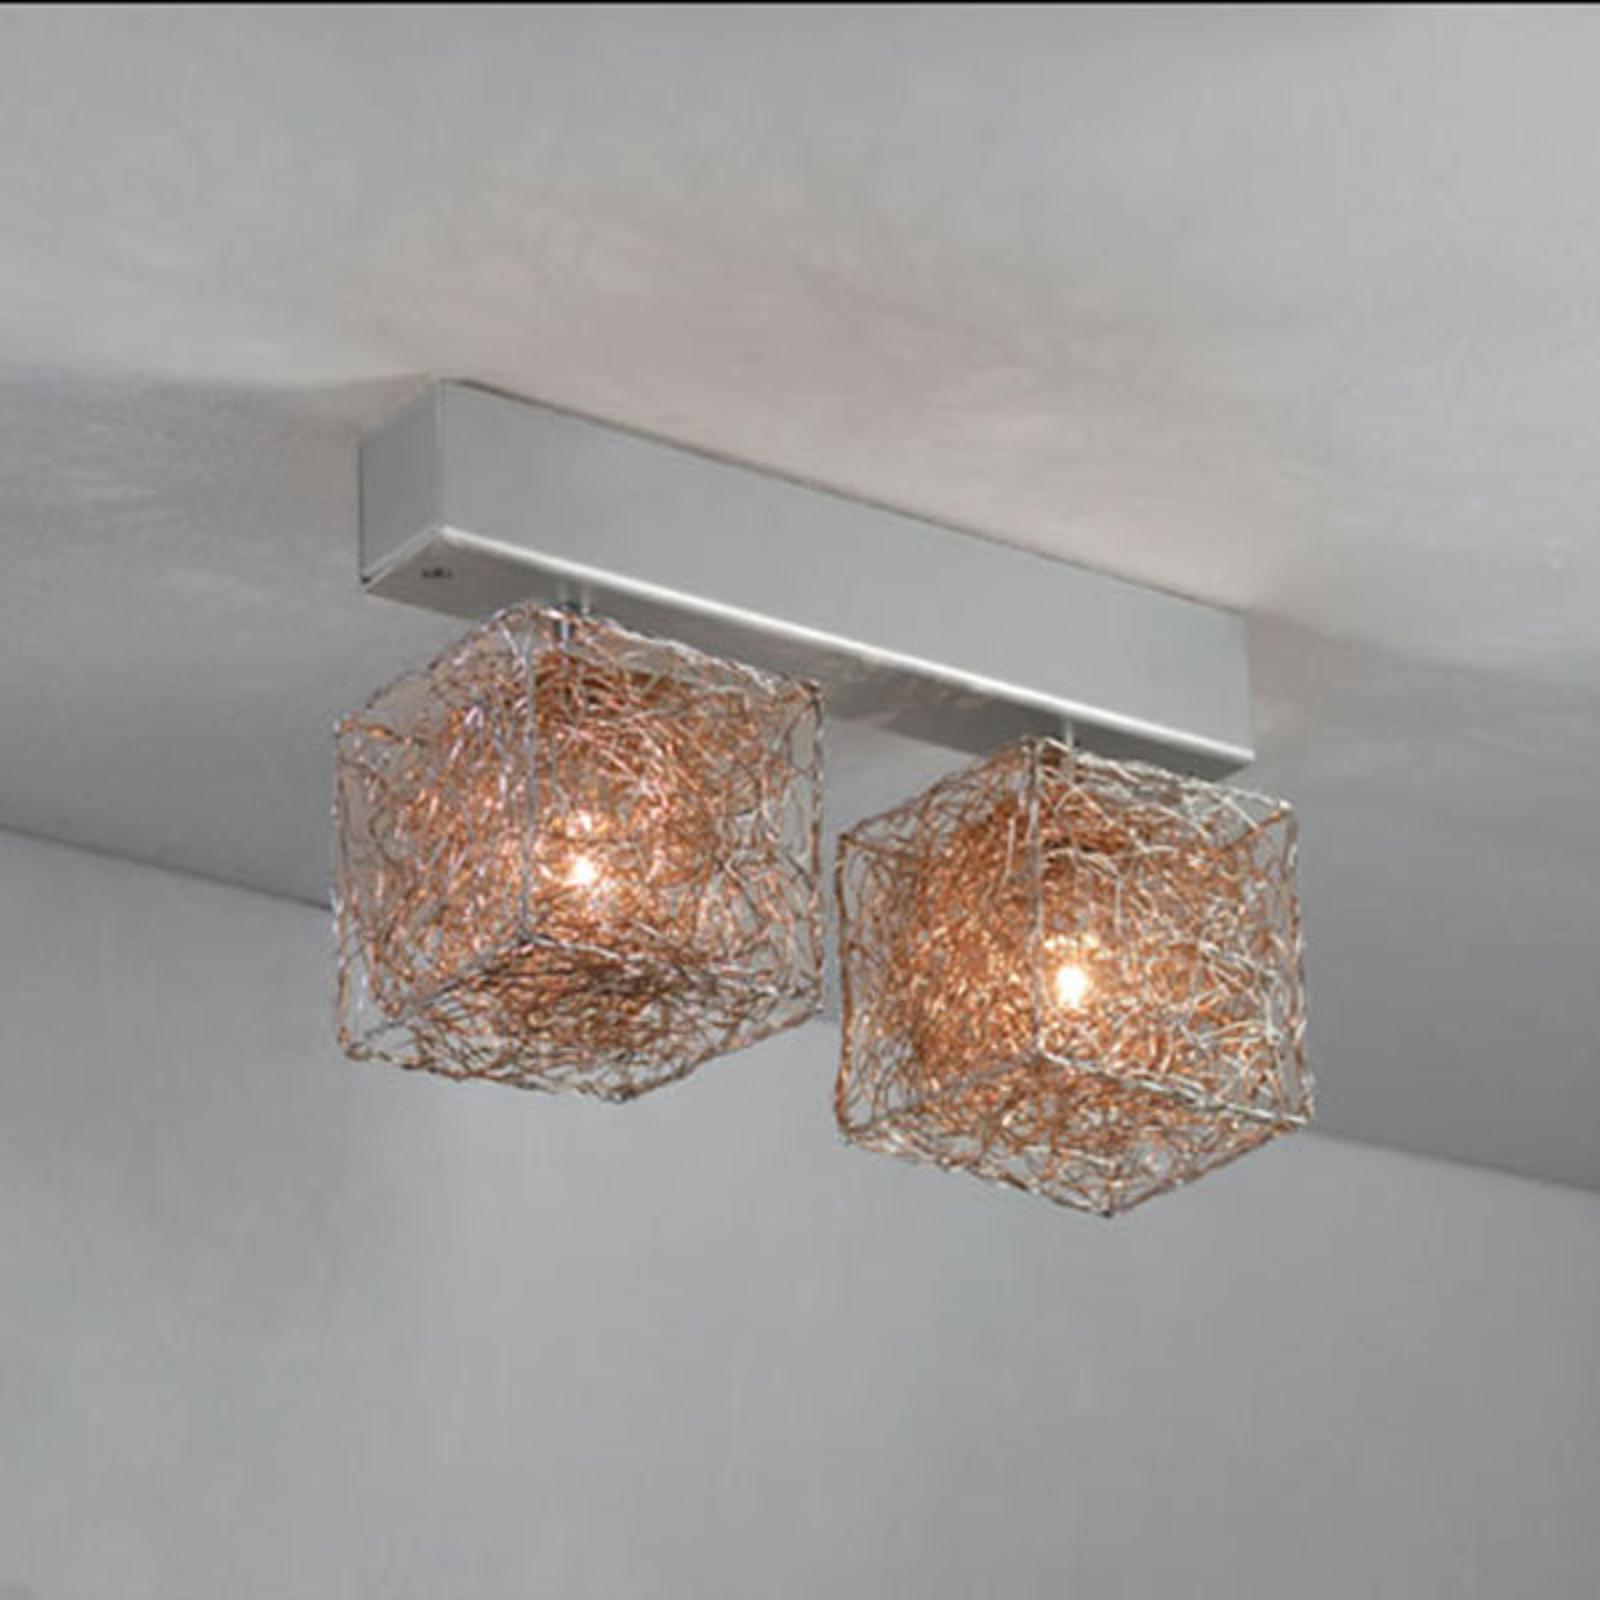 Knikerboker Kubini - design-LED plafondlamp